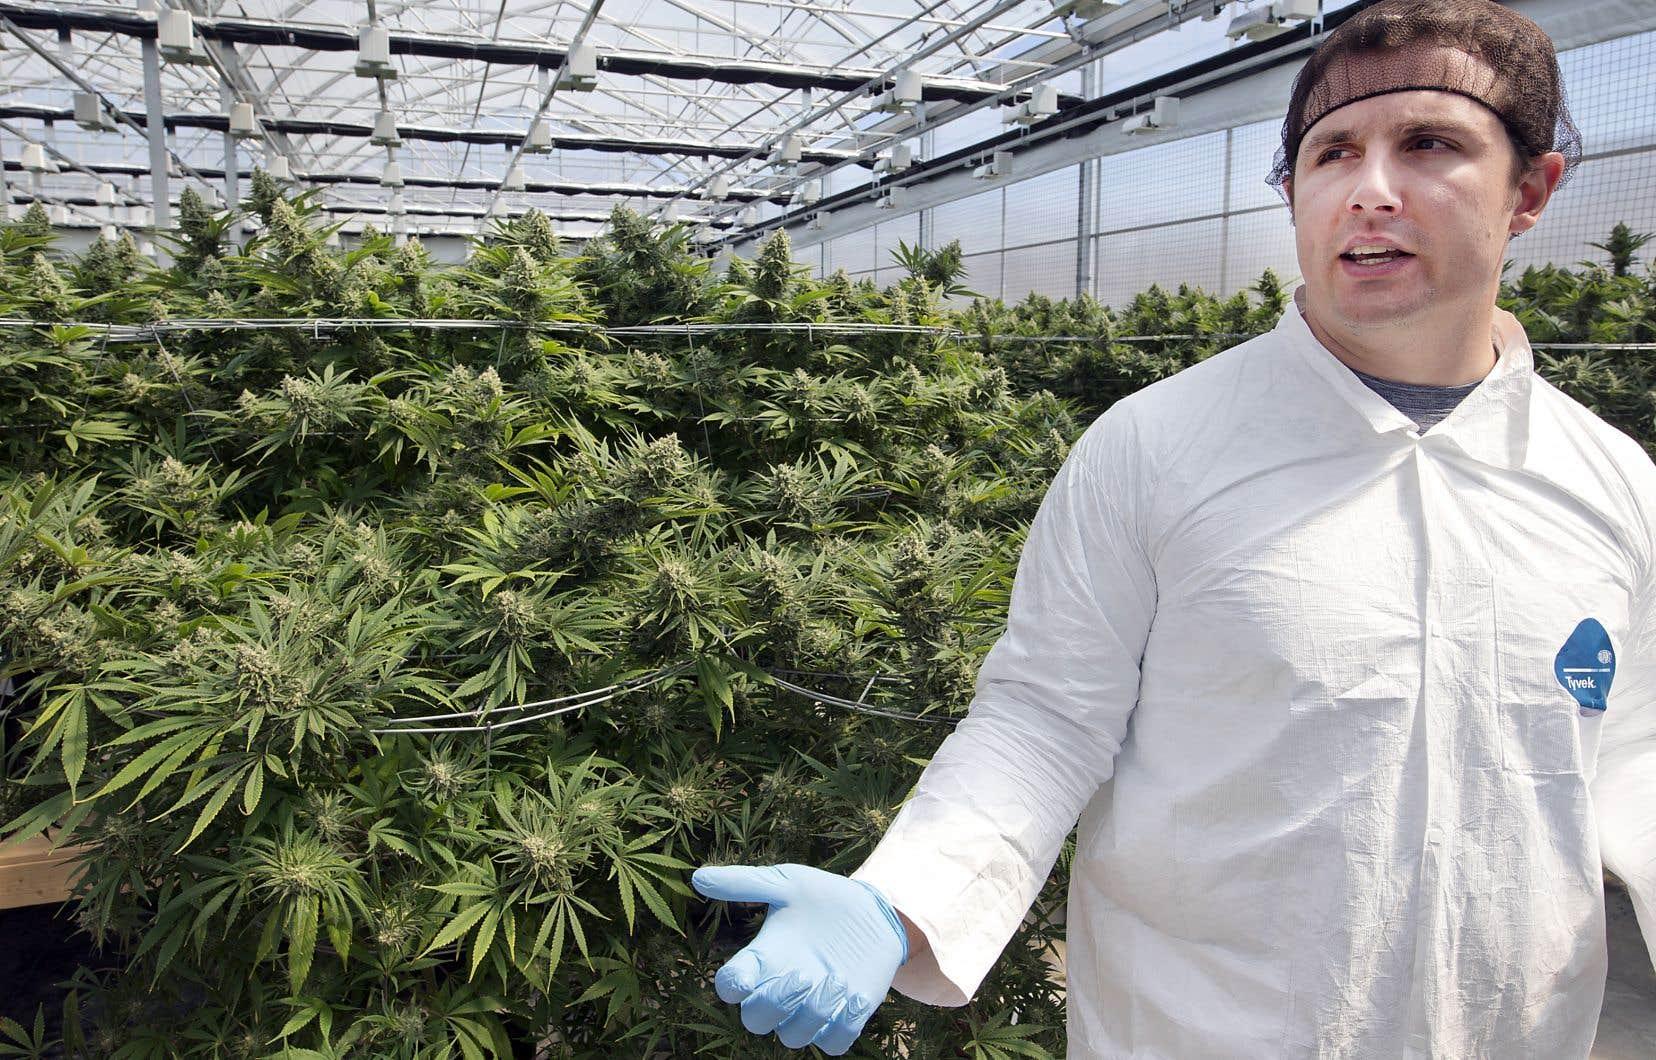 L'ouverture plus lente que prévu de magasins de la SQDC et le retard de la date d'approbation gouvernementale des produits dérivés du cannabis figurent parmi les facteurs qui jouent contre Hexo, estime le p.-d.g., Sébastien St-Louis.